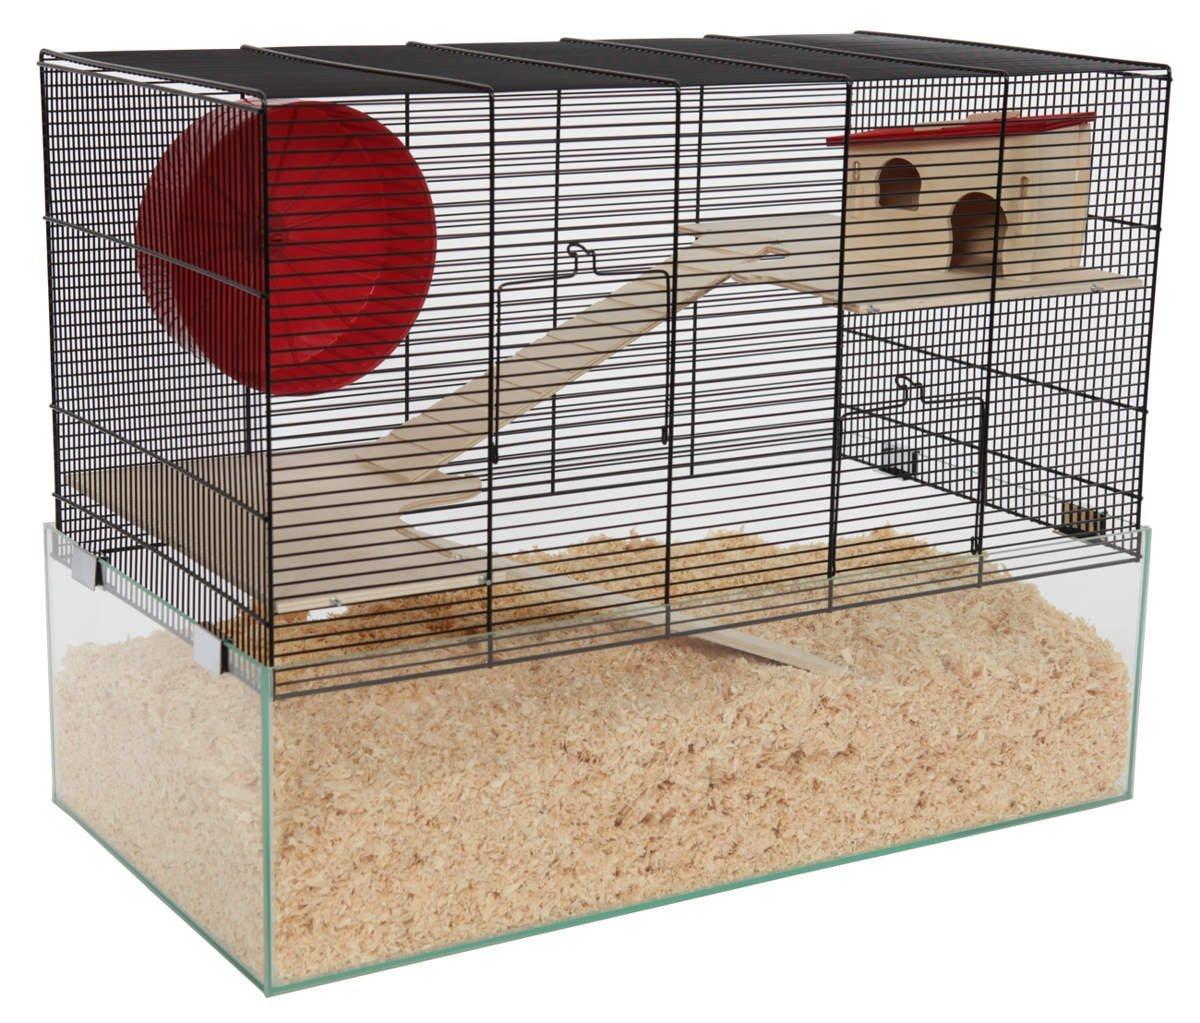 Hamsterkäfig unten Glas oben Gitter